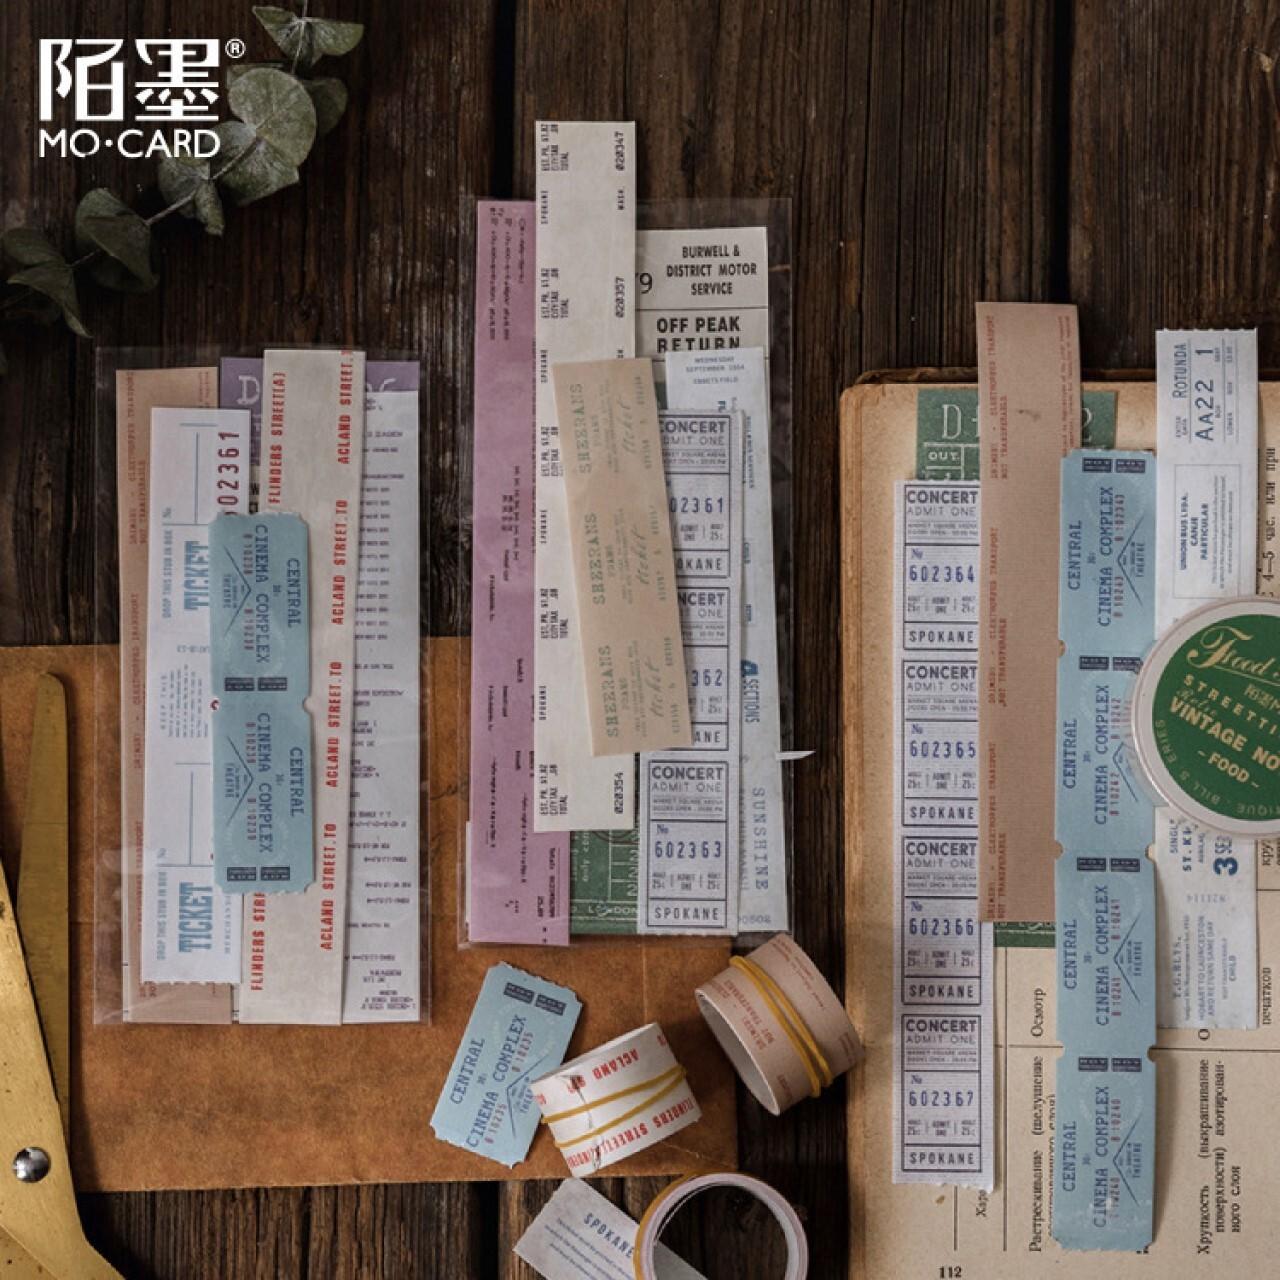 マスキングテープ 全10種 チケット風 レトロ 英字 マステ ほぼ日手帳 コラージュ ジャンクジャーナル E14